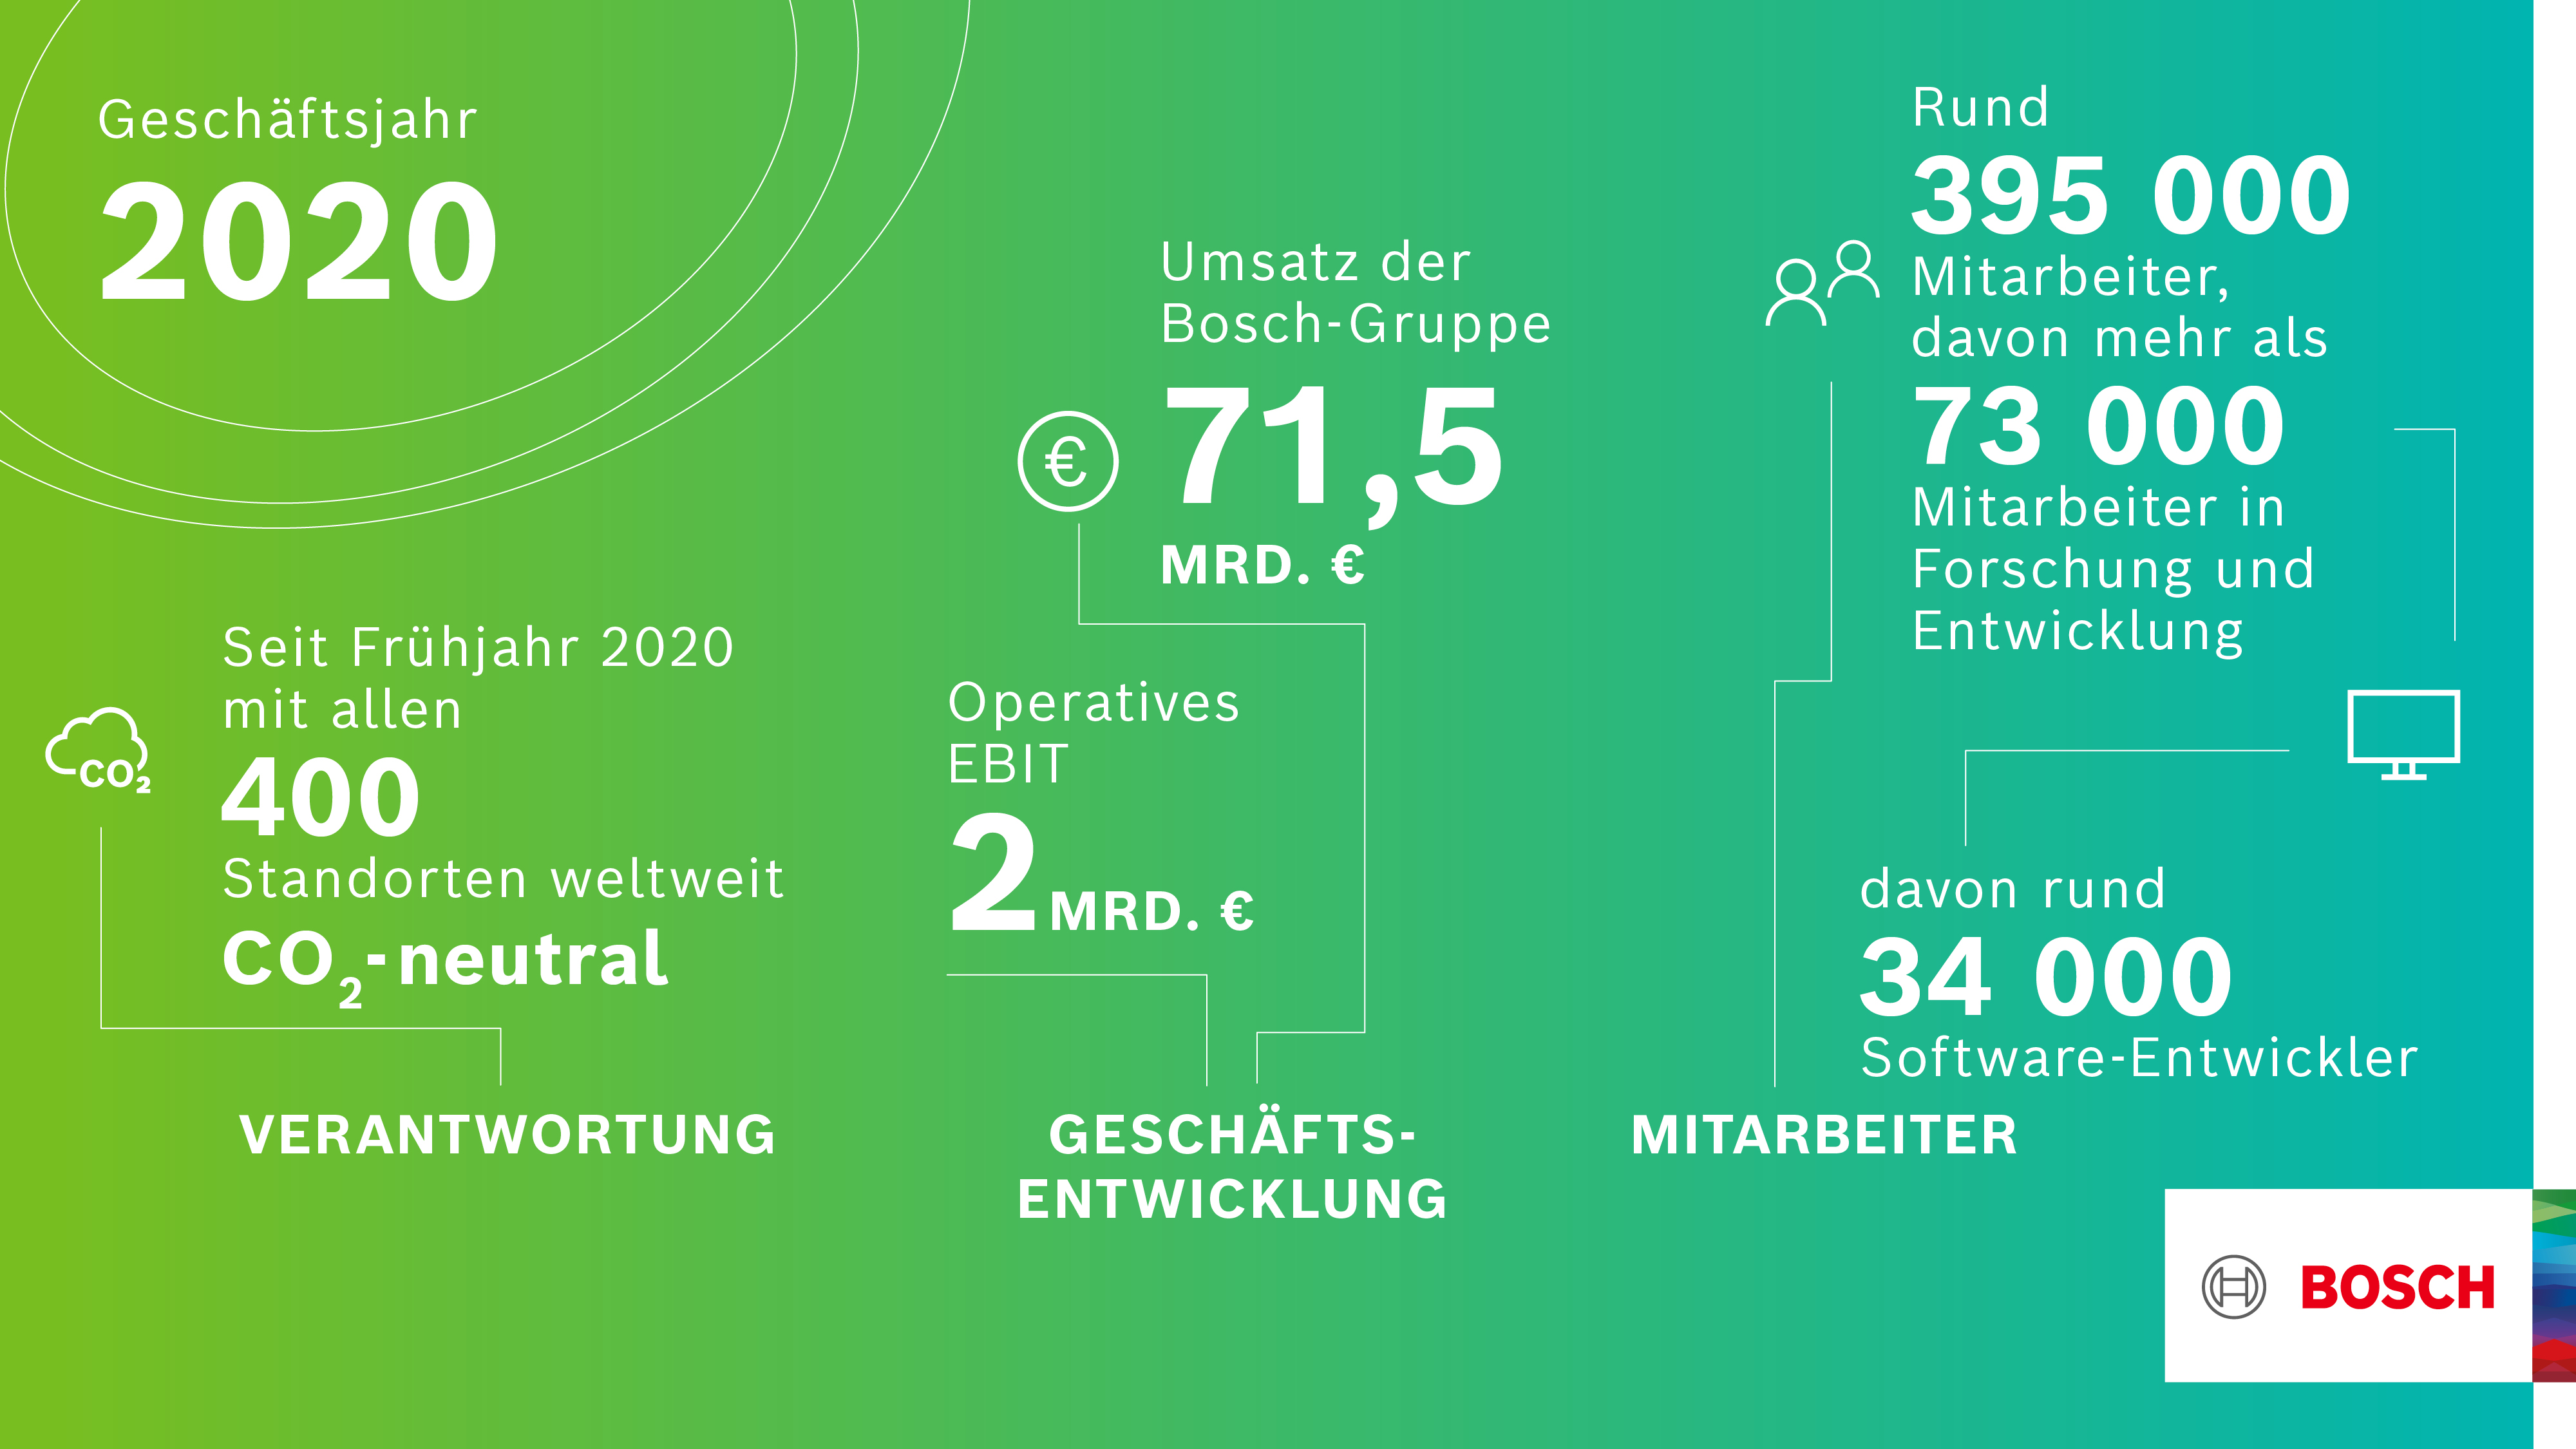 Finanční výsledky za rok 2020: lepší obchodní rok, než se očekávalo